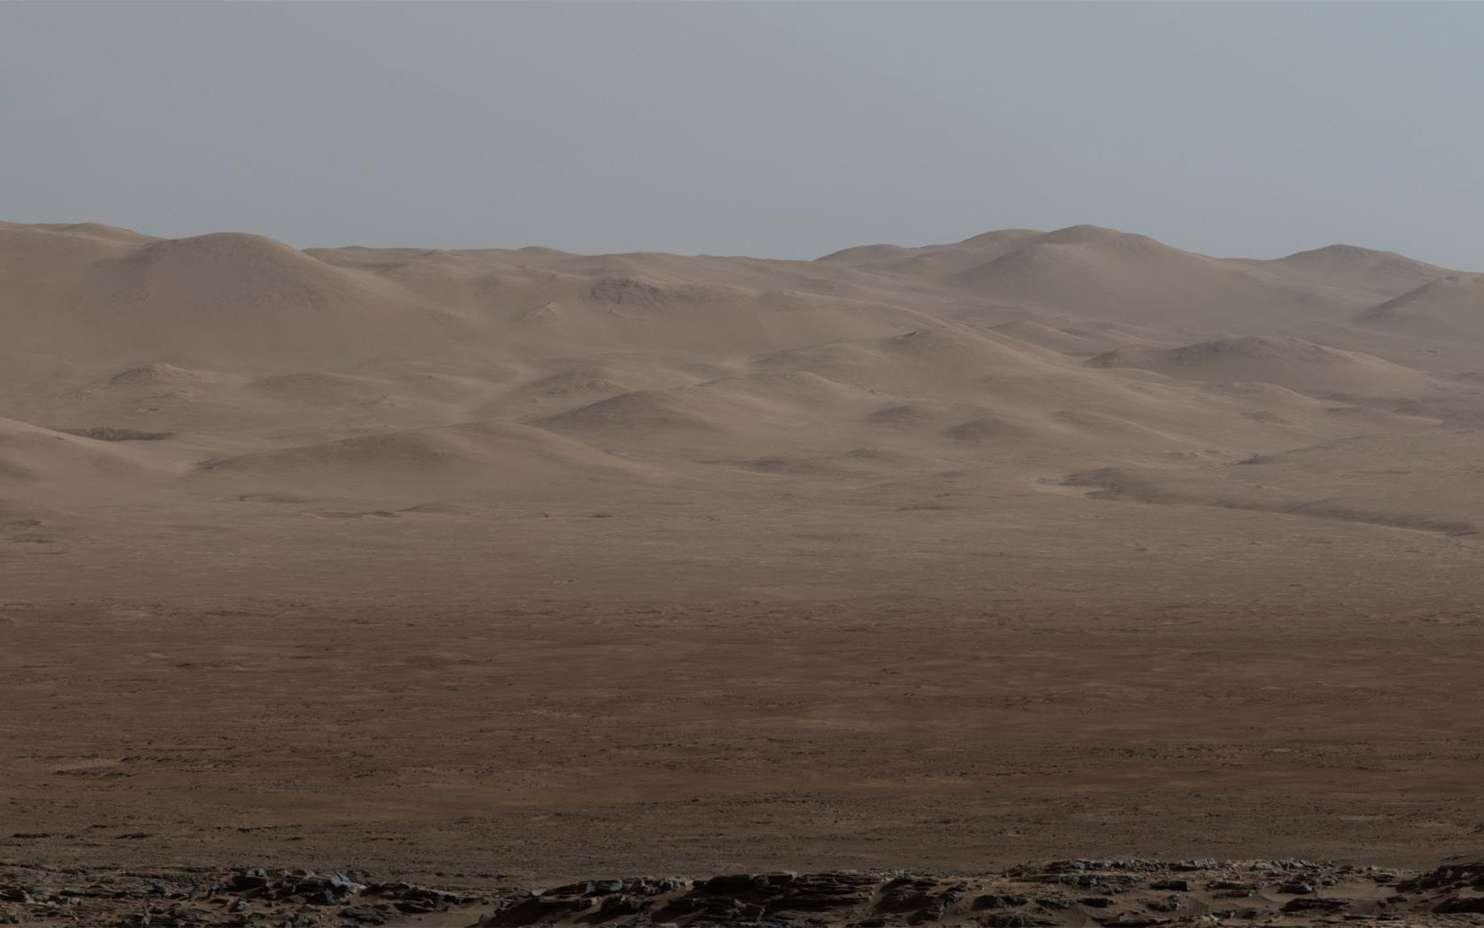 Mars, ses paysages et son atmosphère photographiés par le rover de la Nasa Curiosity. © Nas/JPL-Caltech/MSSS